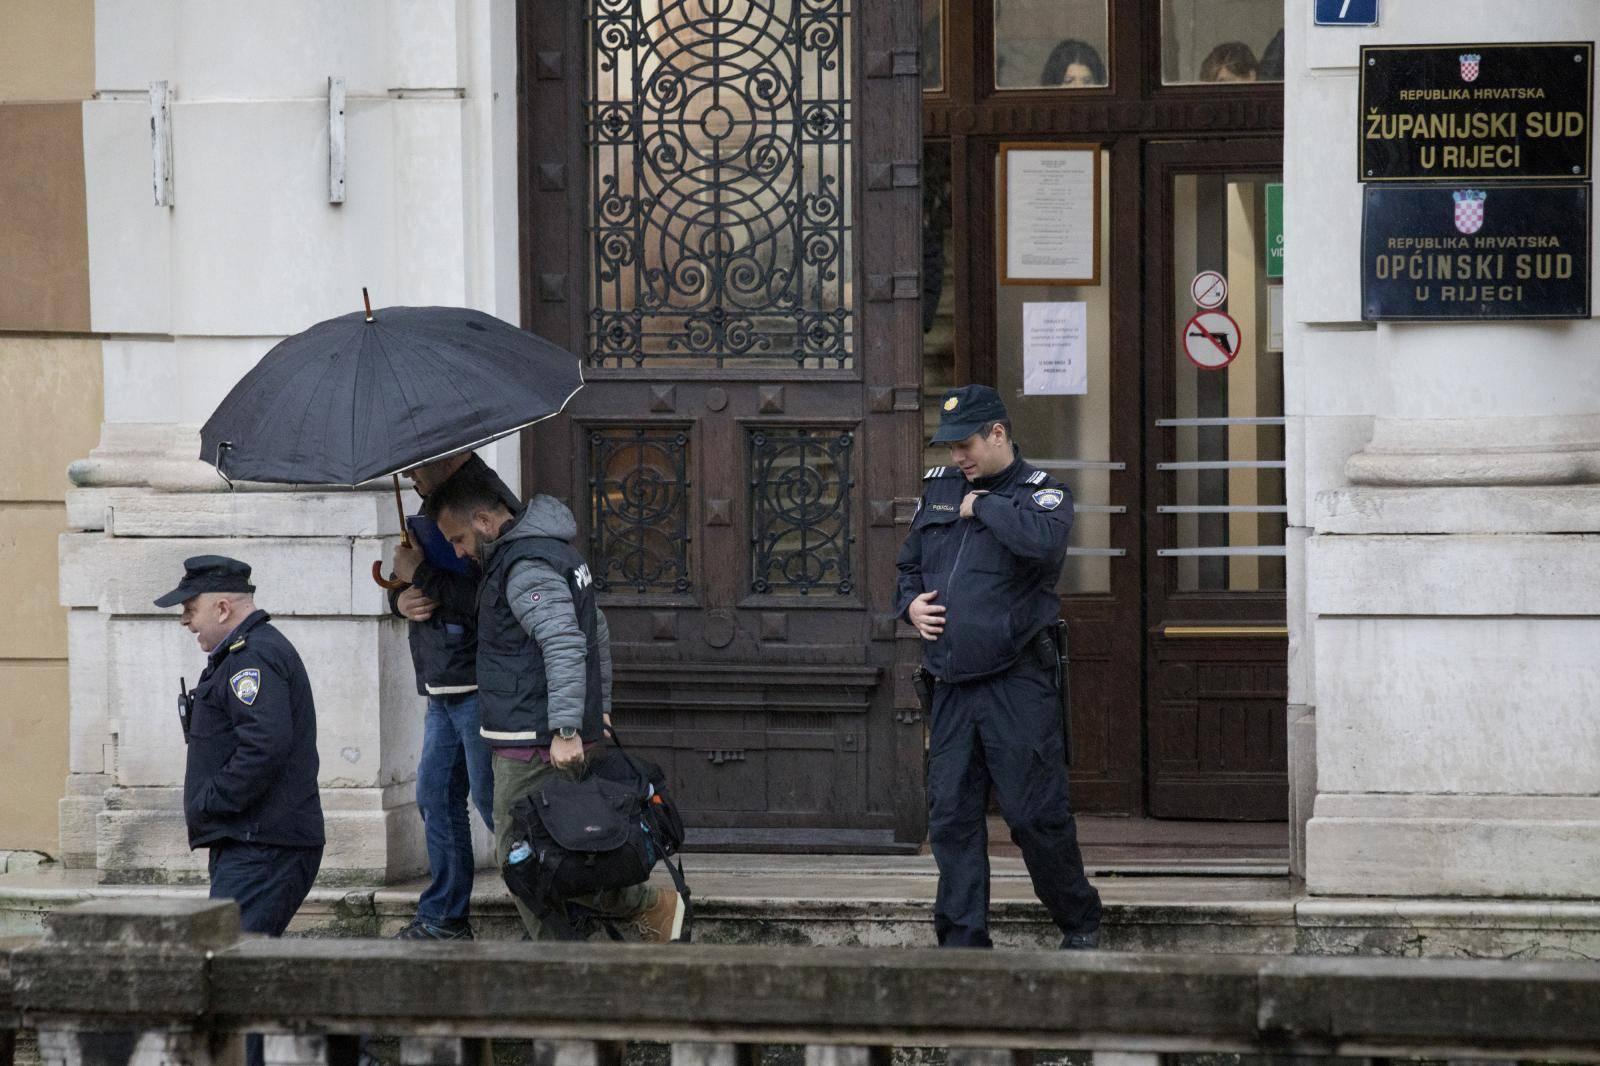 'Ozljede su jako teške, ranjeni policajac još je na intenzivnoj'